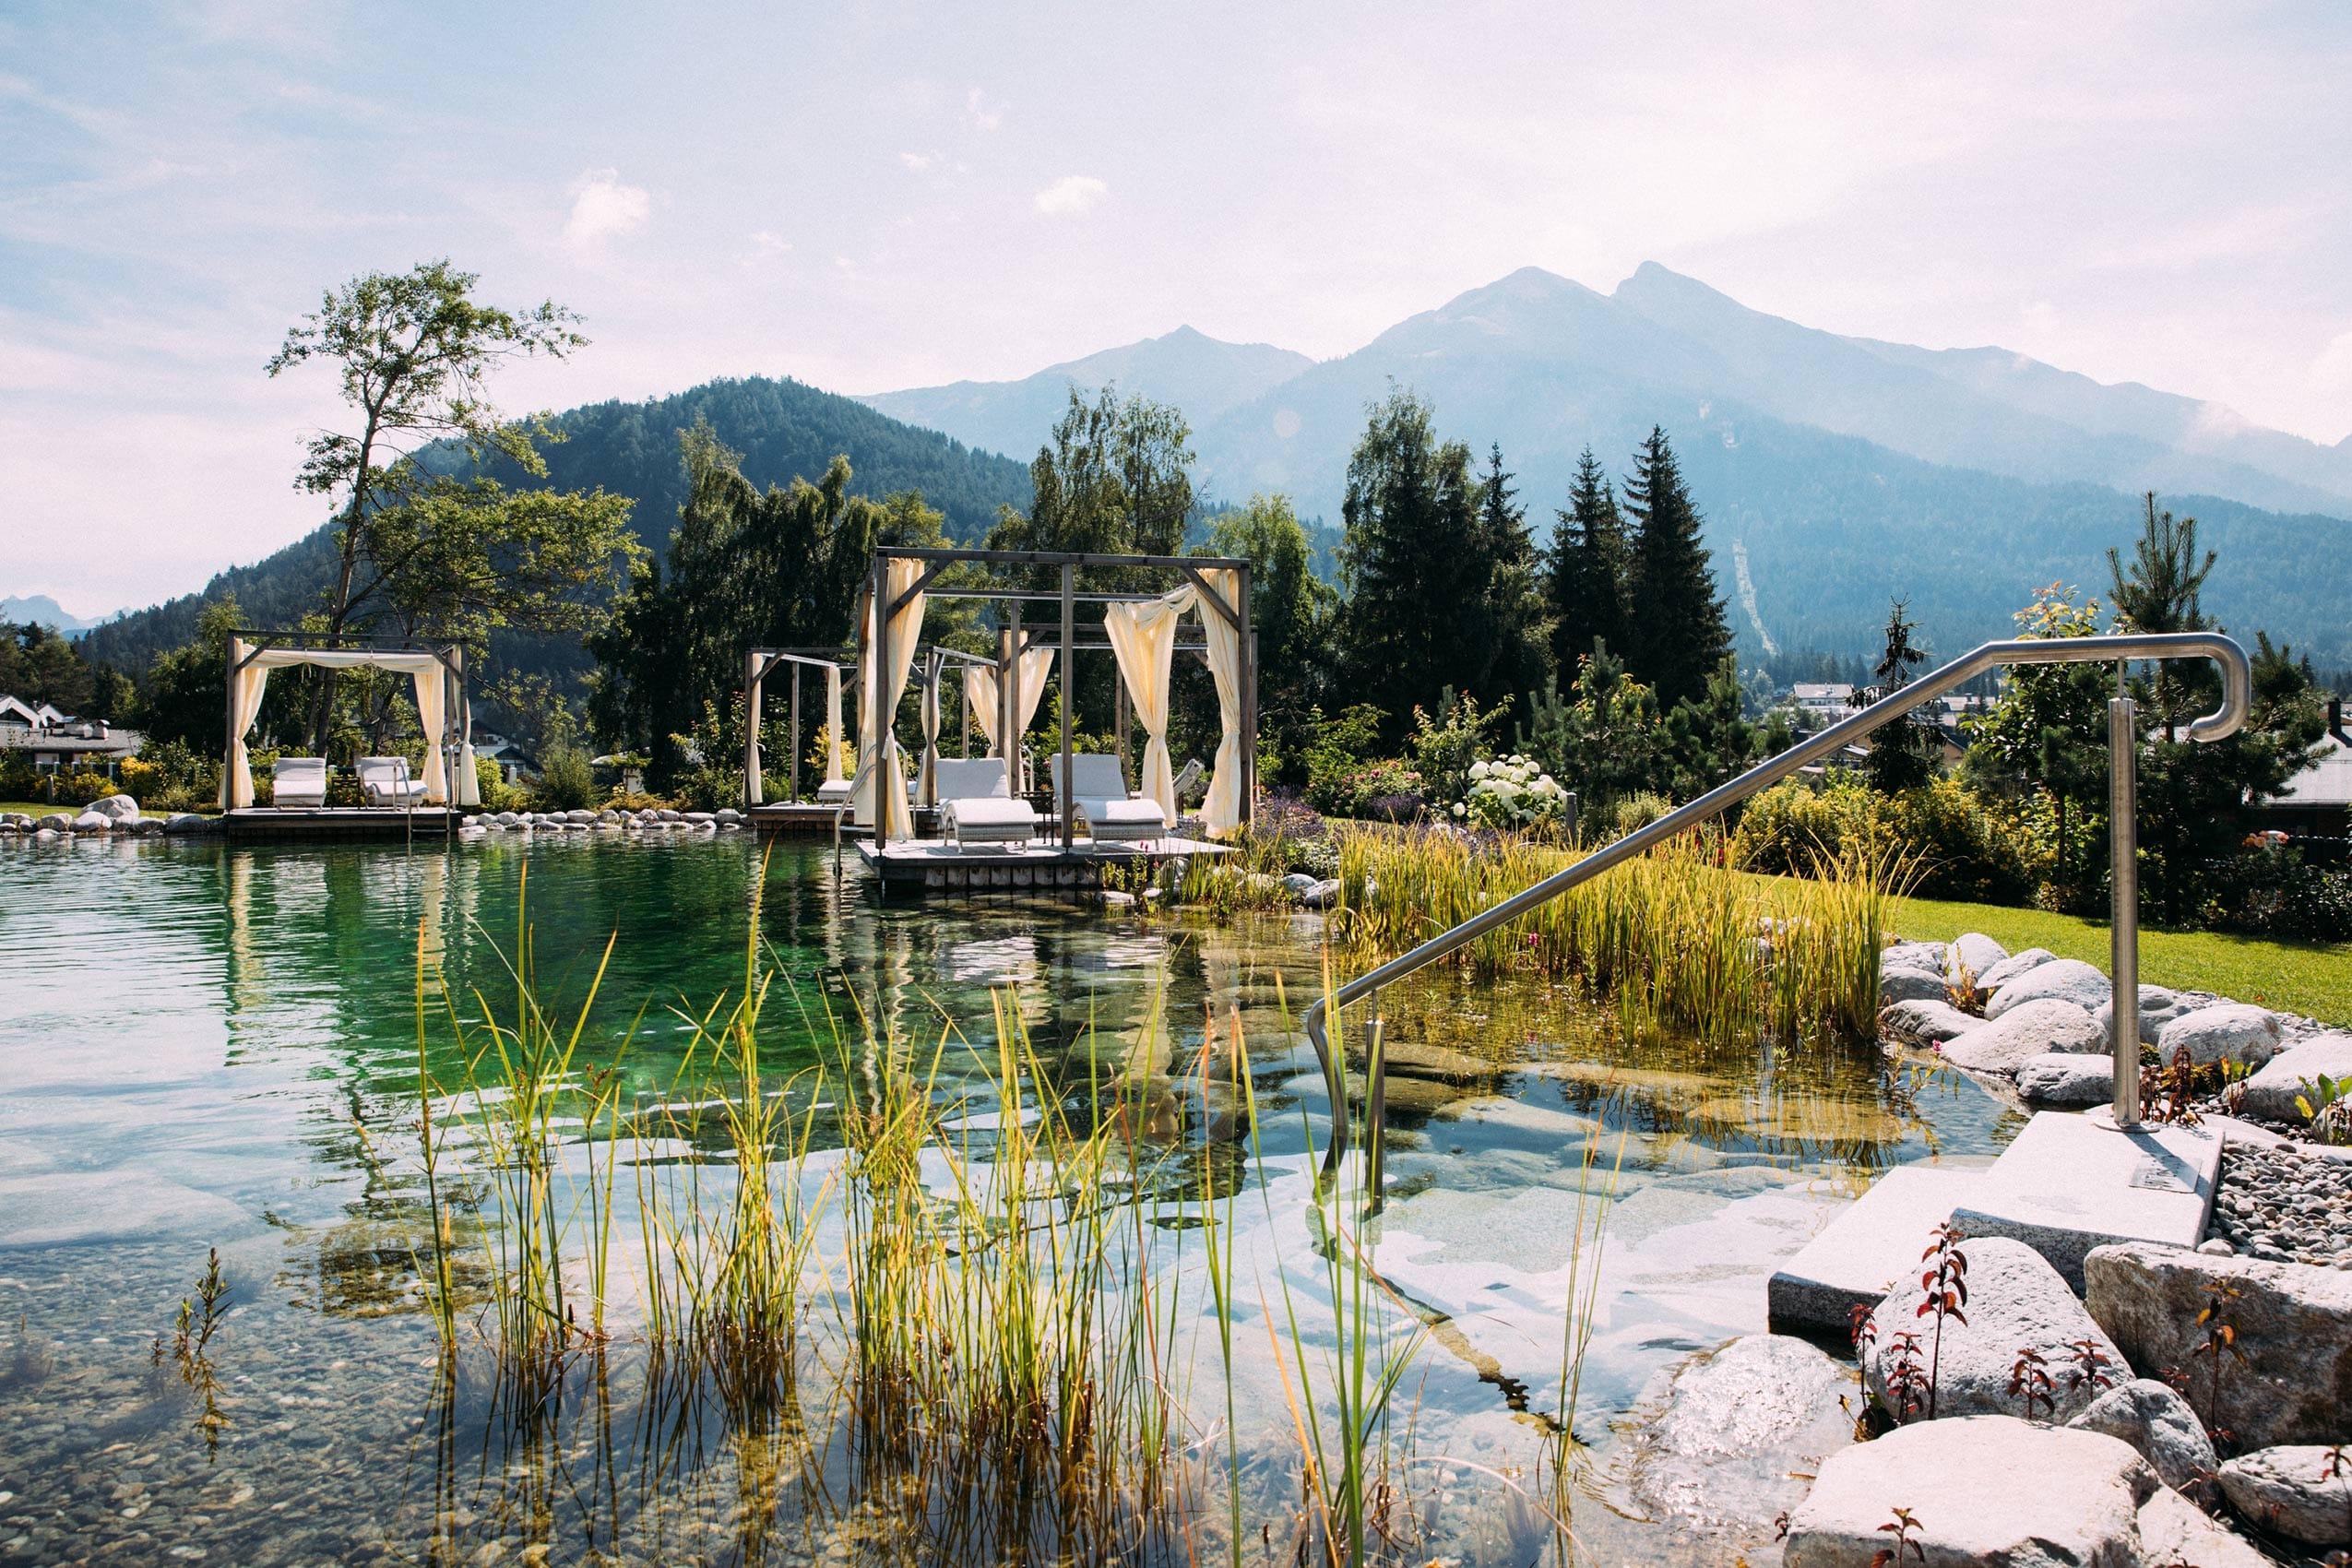 Der idyllische Naturbadesee des ASTORIA RESORT in Seefeld bietet einen unverbauten Weitblick auf das Karwendelgebirge.